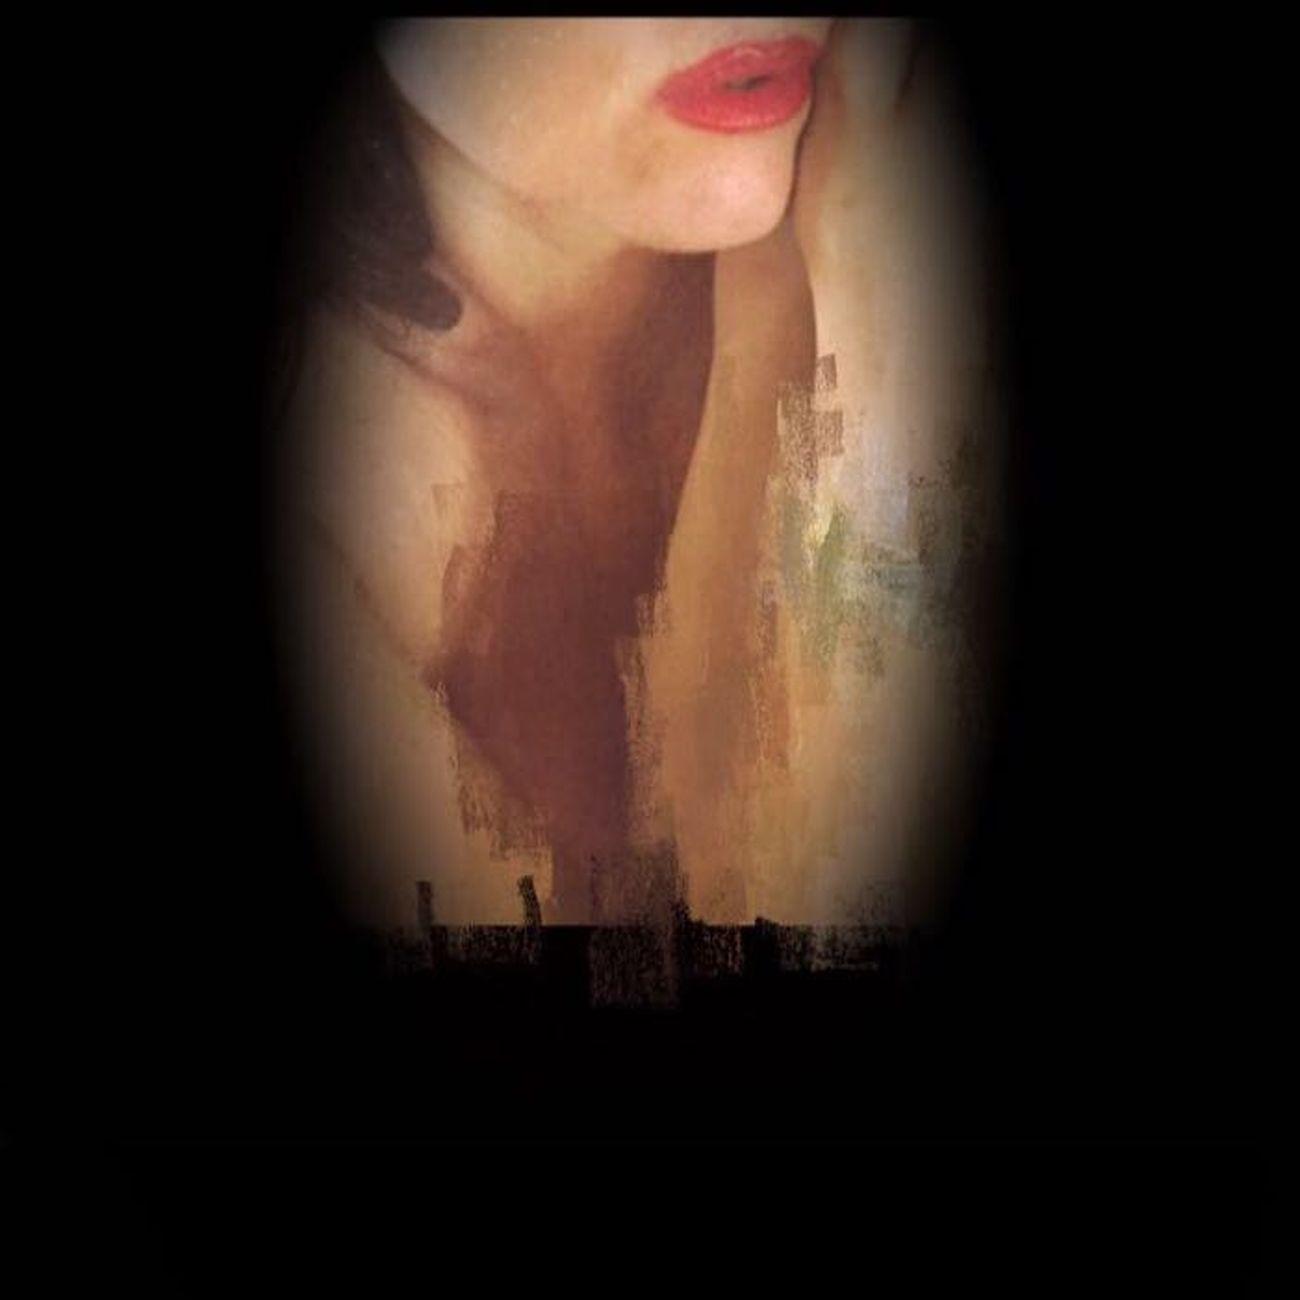 Shootermag EyeEm Best Edits NEM Silence NEM Self AMPt_community NEM Avantgarde Self Portrait